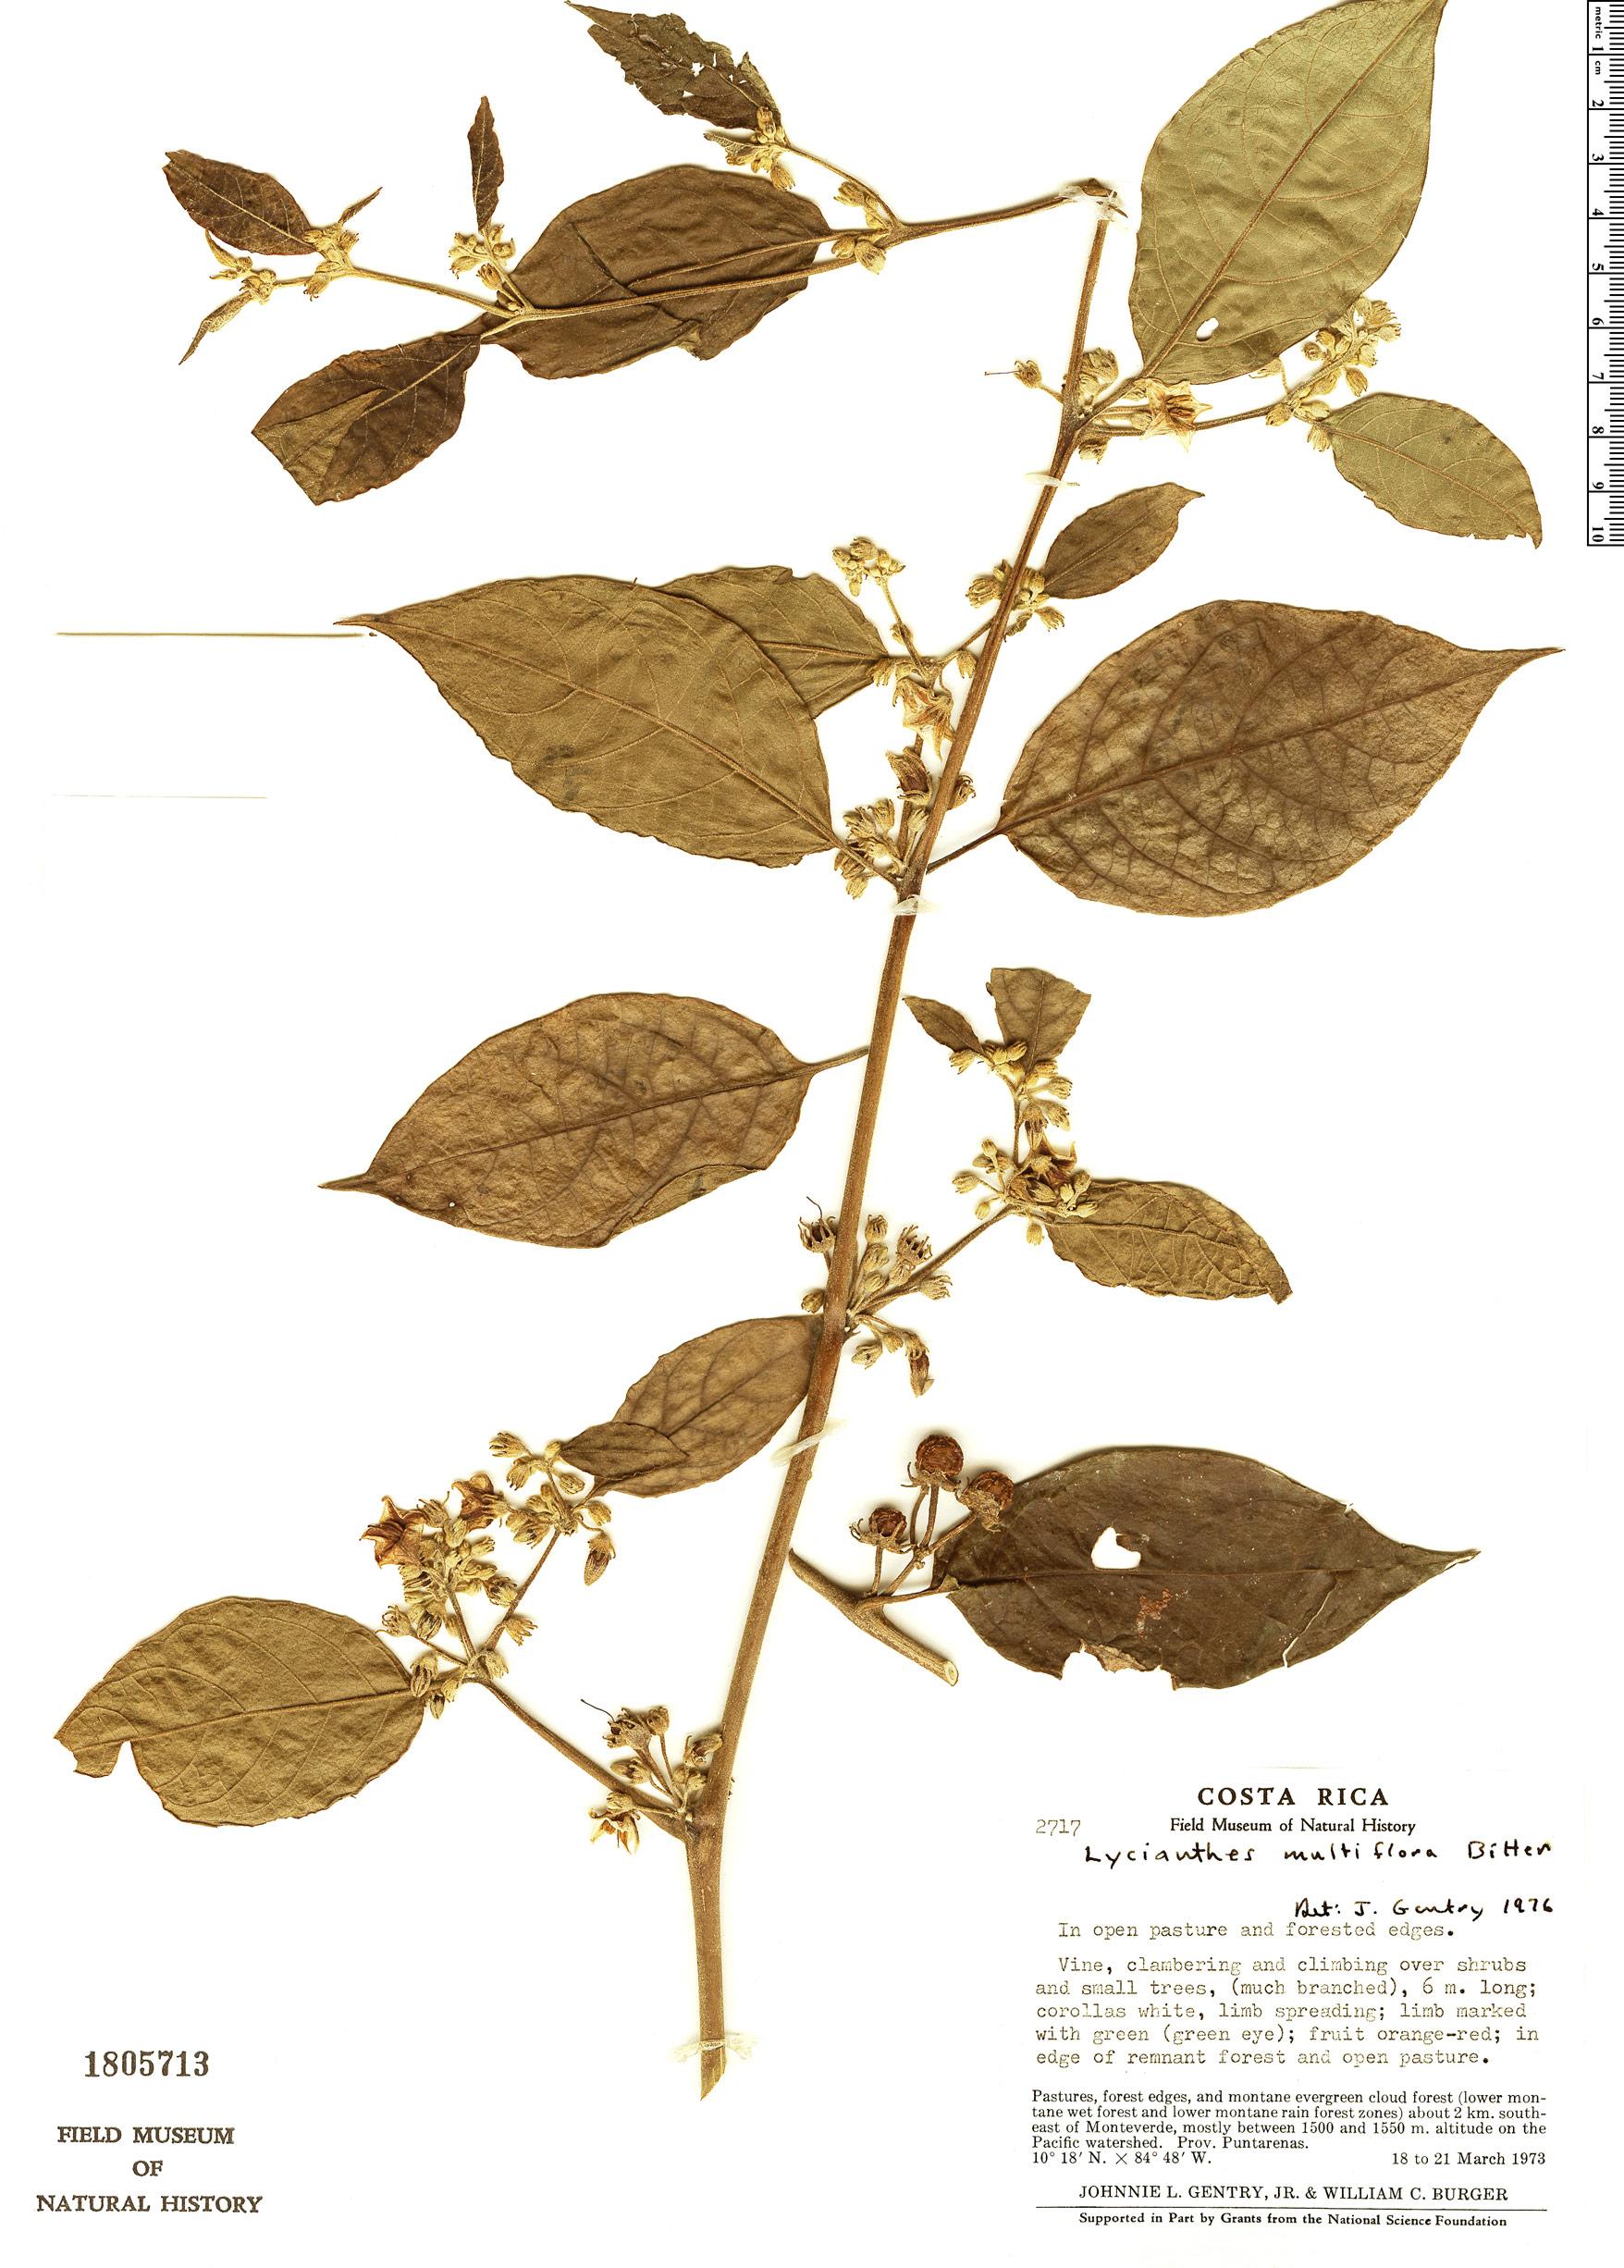 Specimen: Lycianthes multiflora